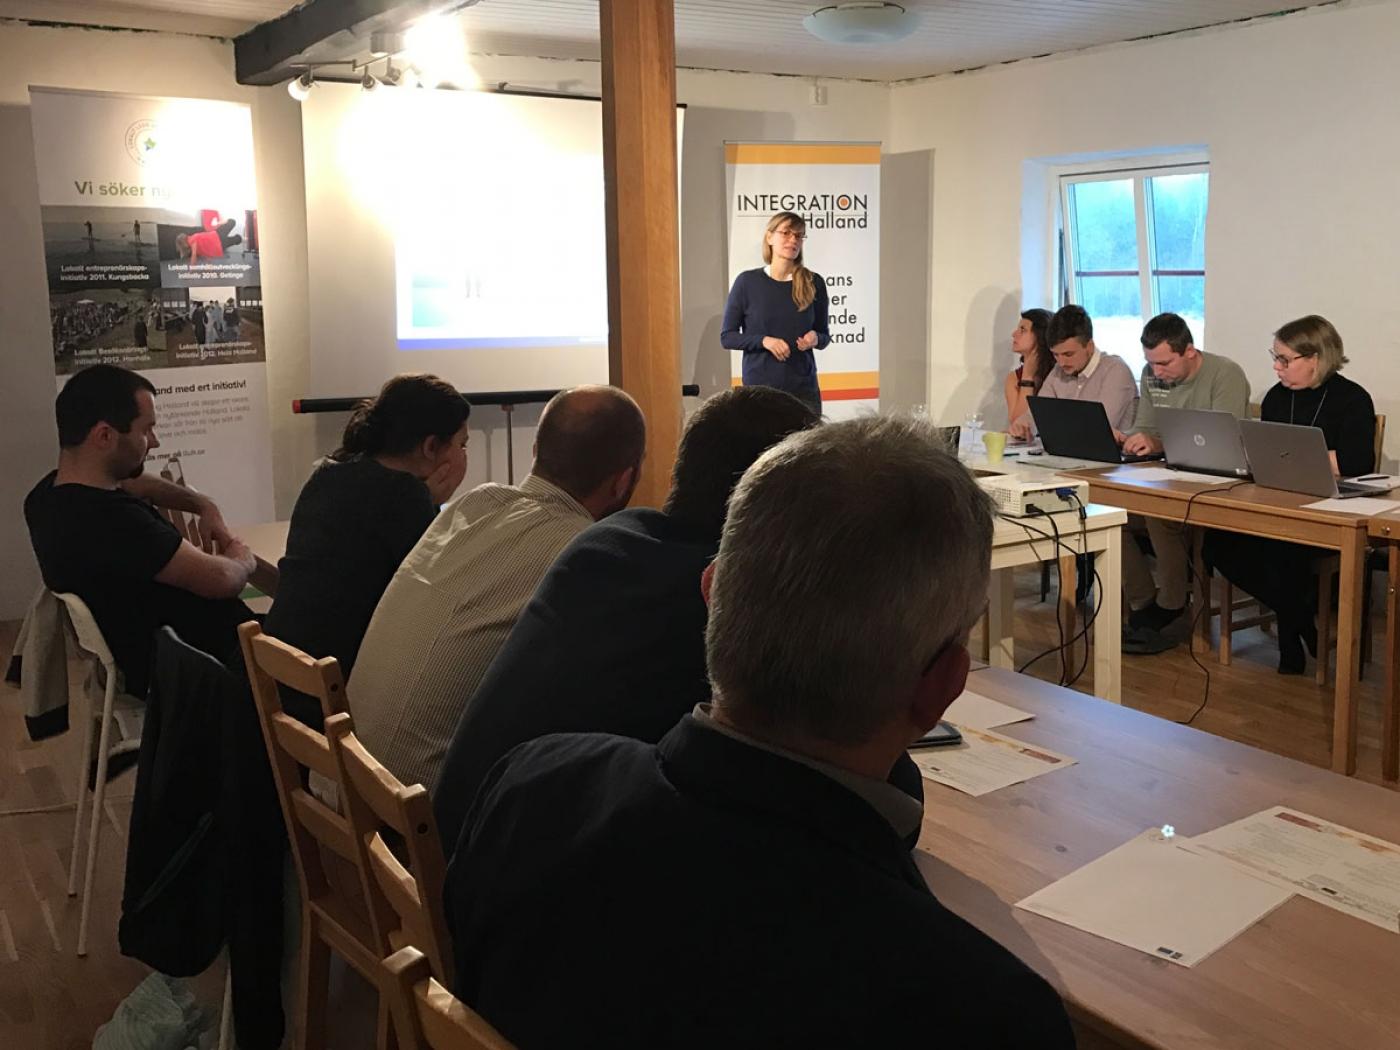 Hannah Kath referiert über die aktuelle Flüchtlingssituation und Integrationsmaßnamen in der Region Hochsauerland